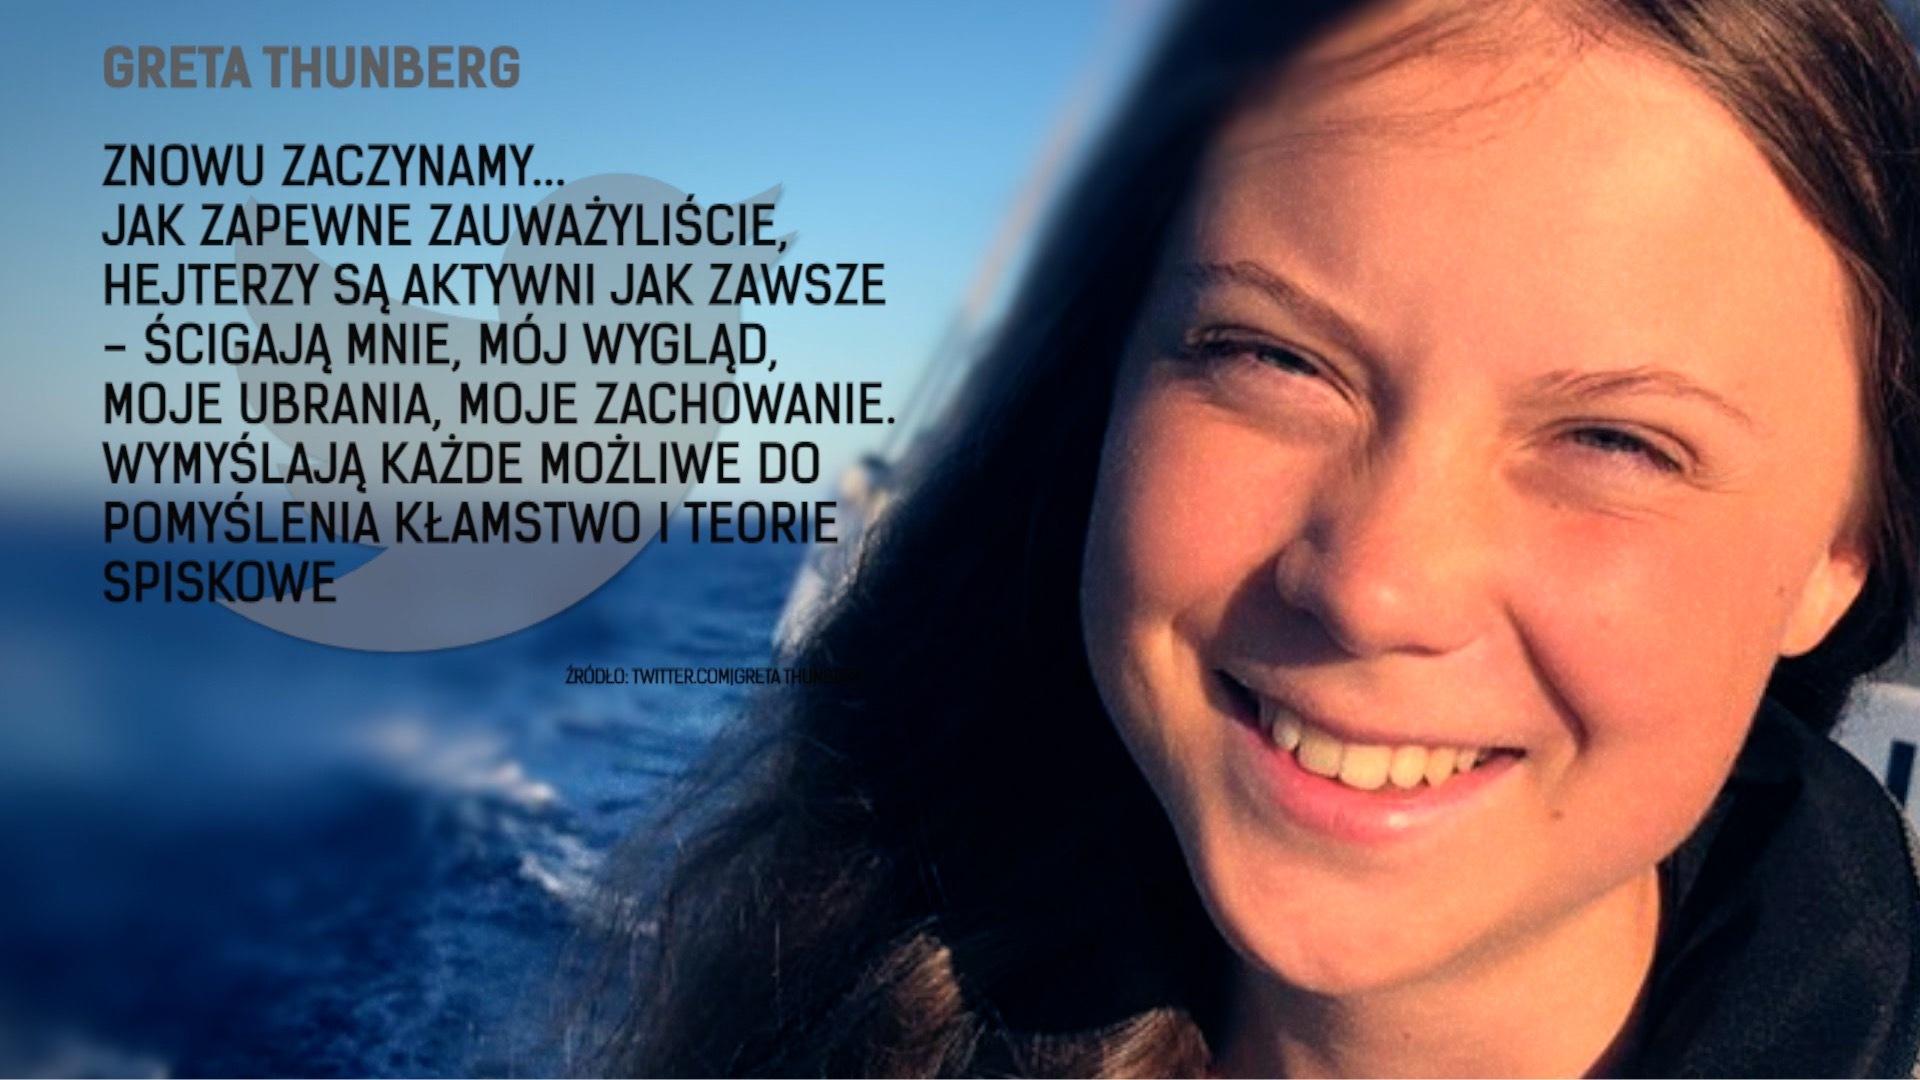 Głos pokolenia. Greta Thunberg, 16-latka ze Szwecji porywa tłumy